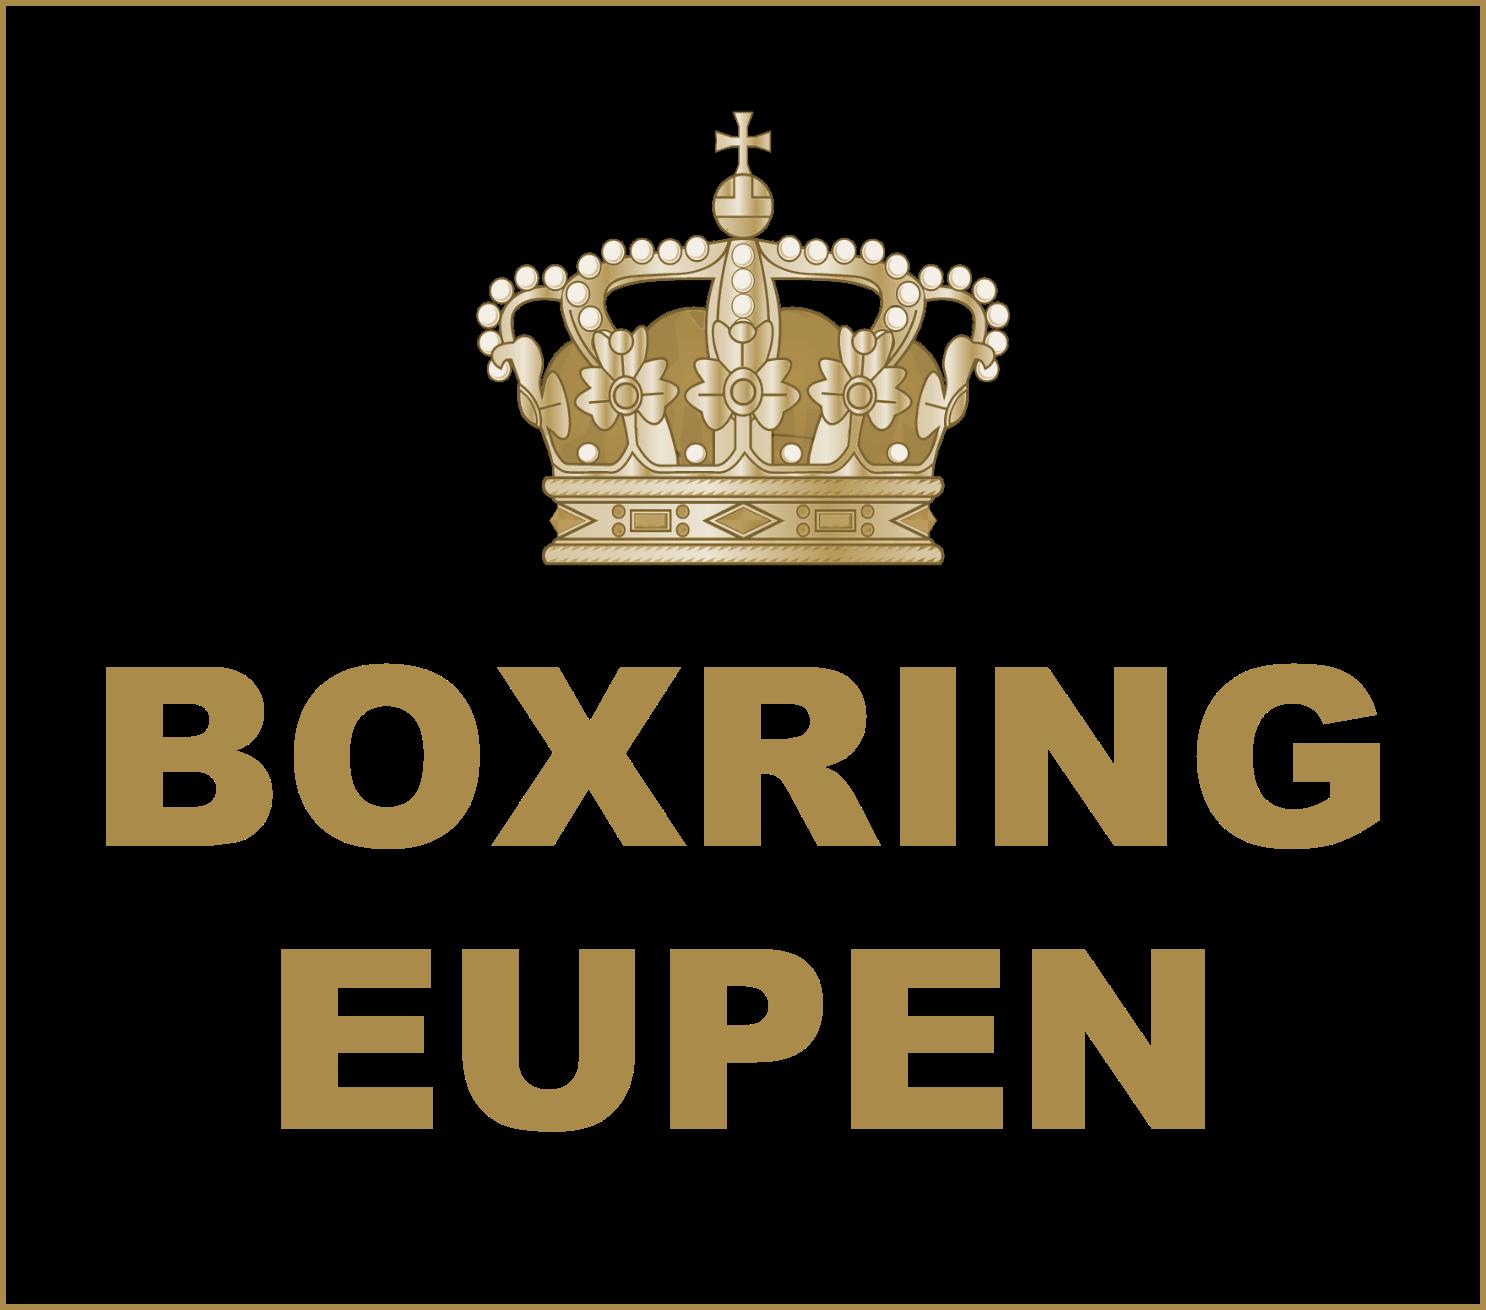 Königlicher Boxring Eupen VoG